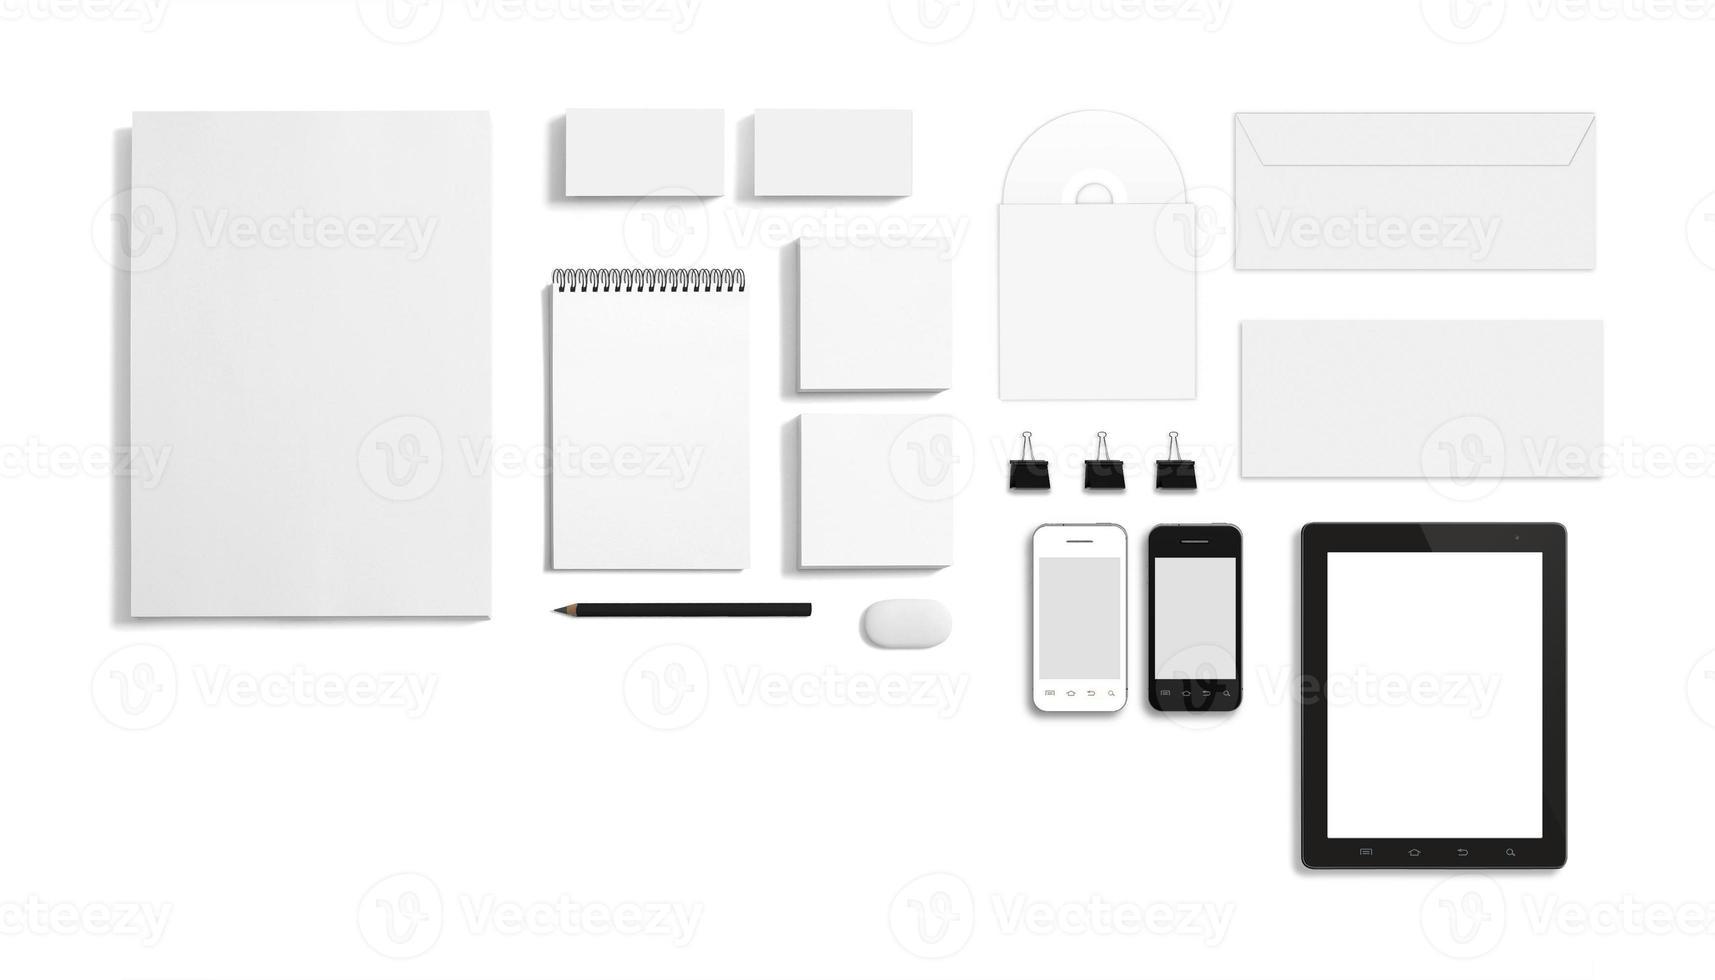 modelo de identificação corporativa de papelaria em branco foto